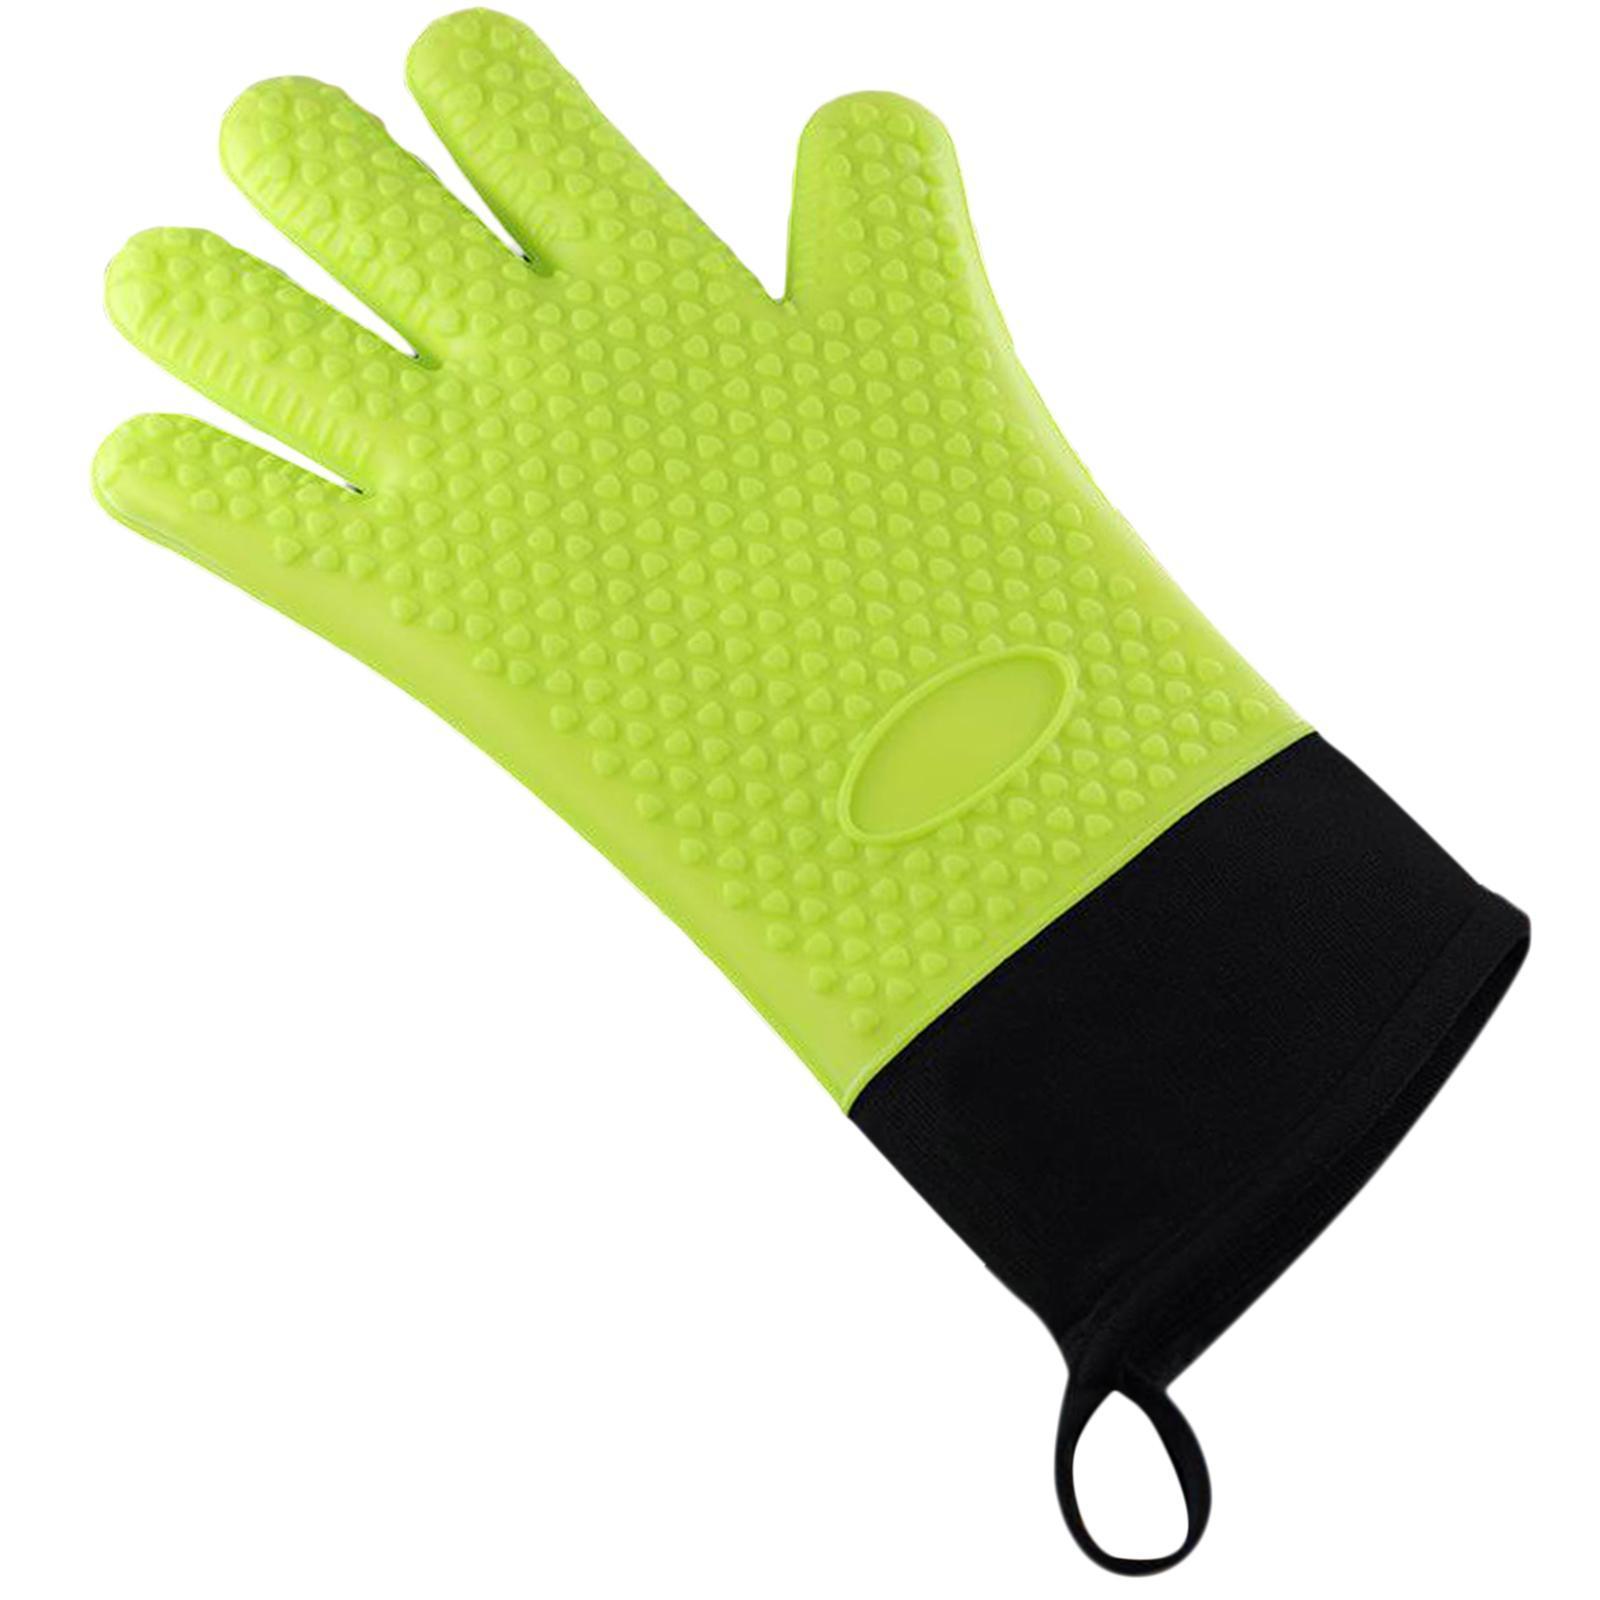 Guantes-para-horno-de-cocina-con-aislamiento-de-silicona-antideslizantes-guantes miniatura 18